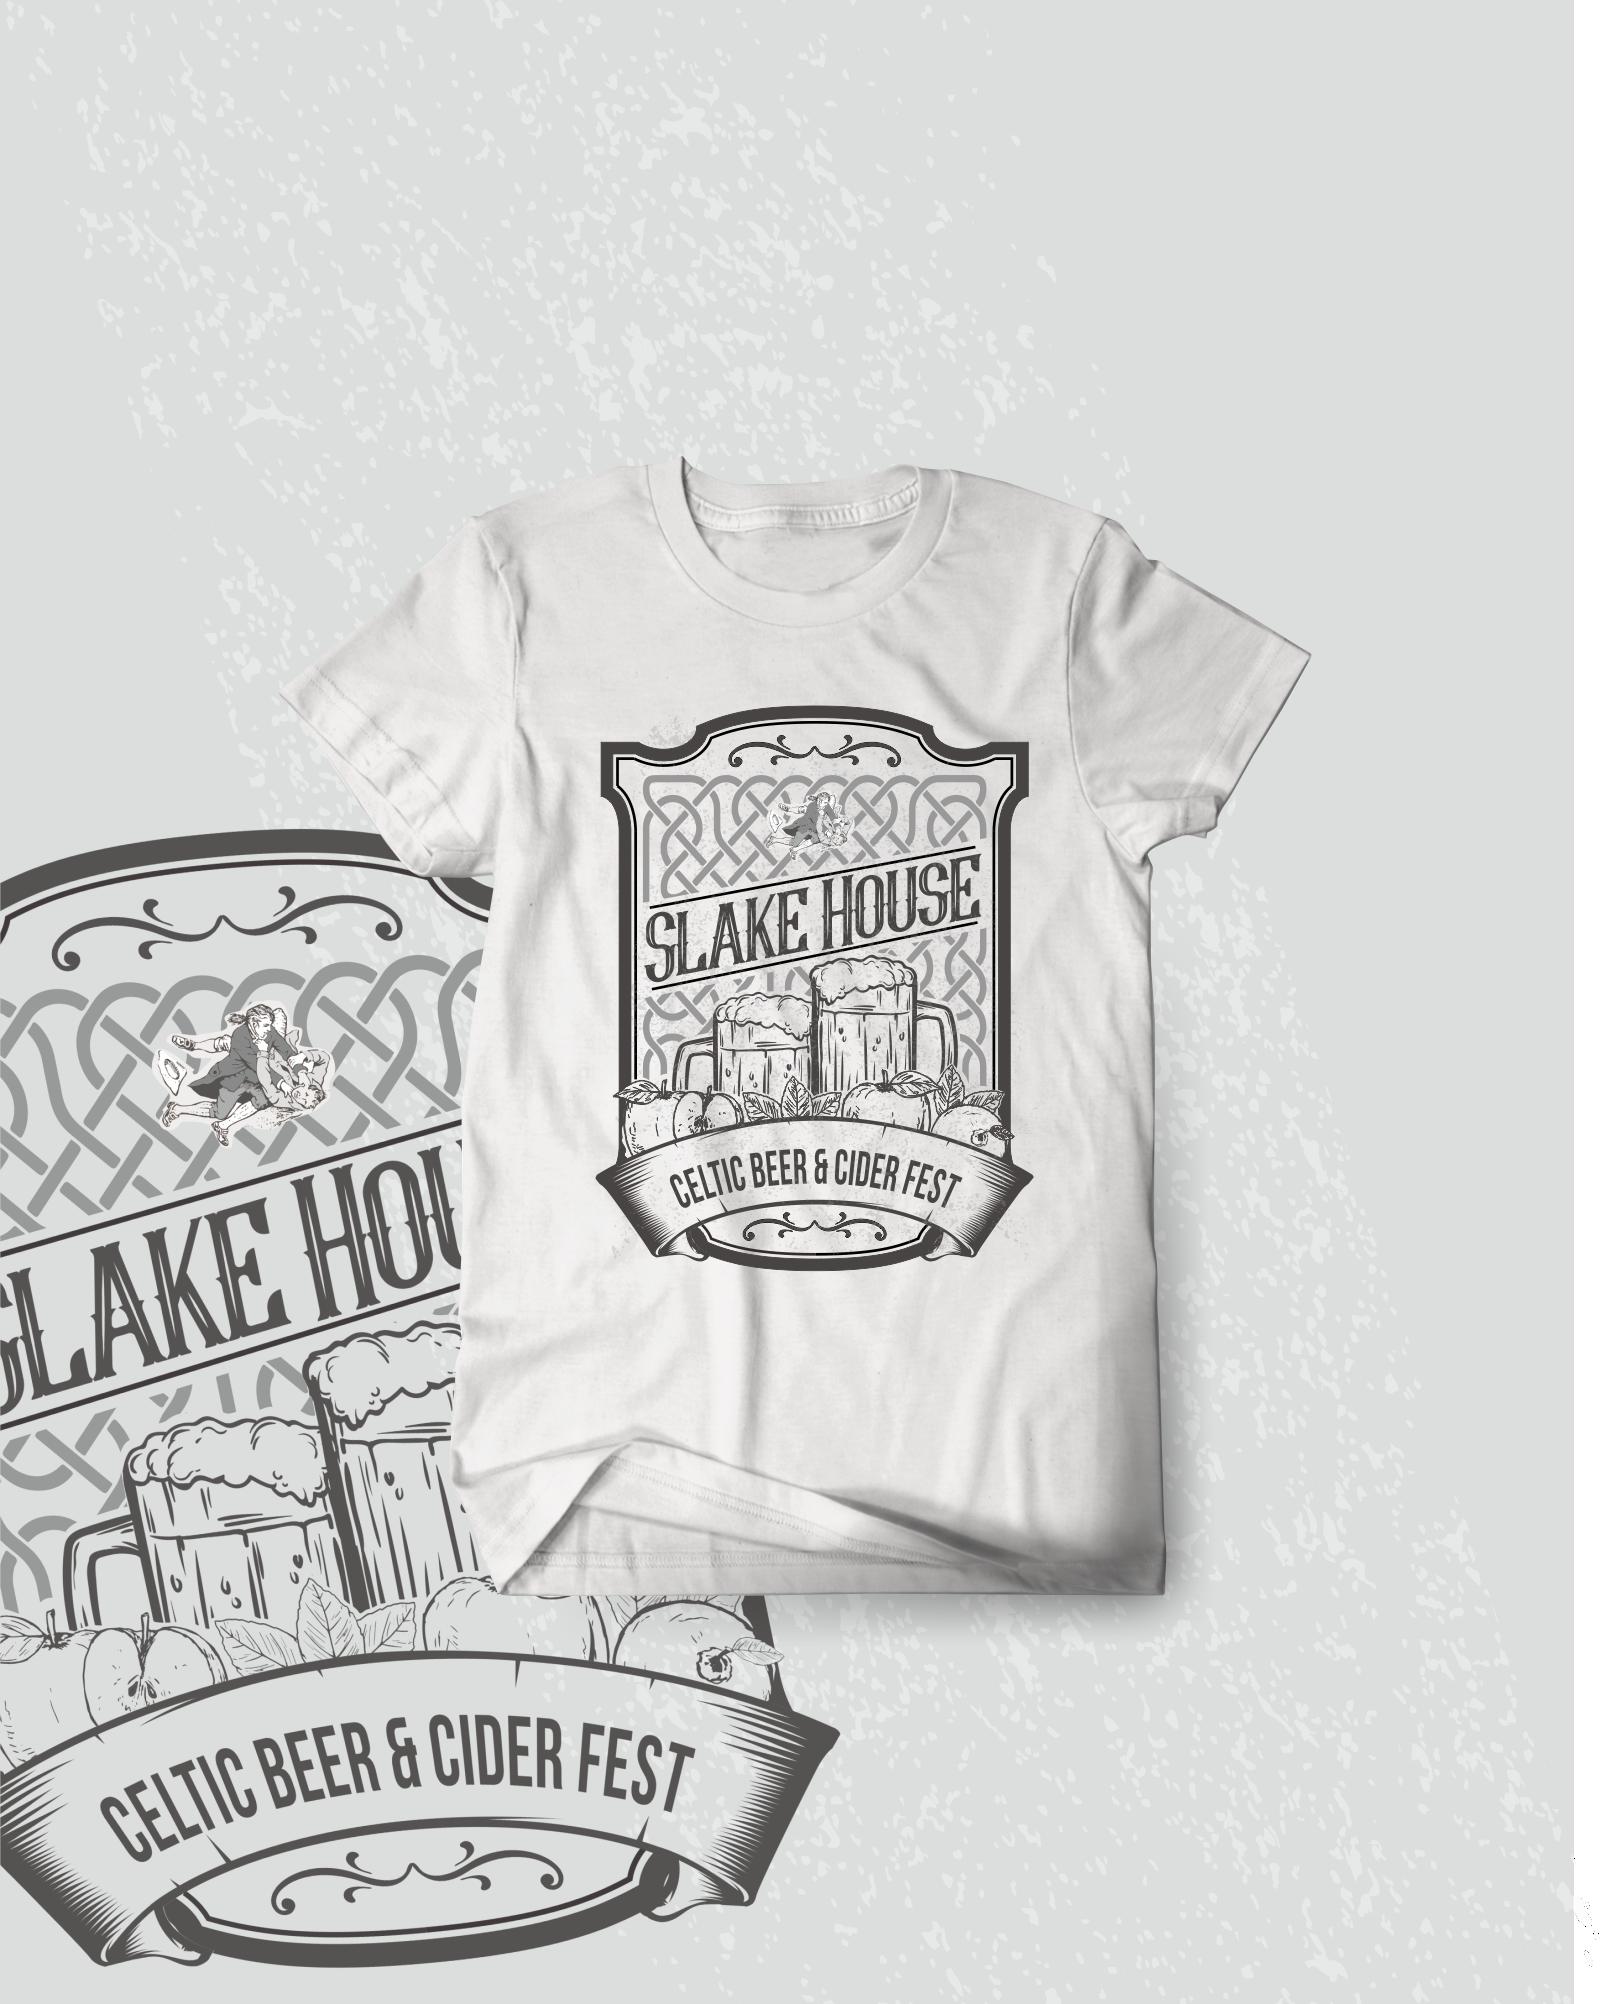 Celtic Beer & Cider Fest T-shirt design